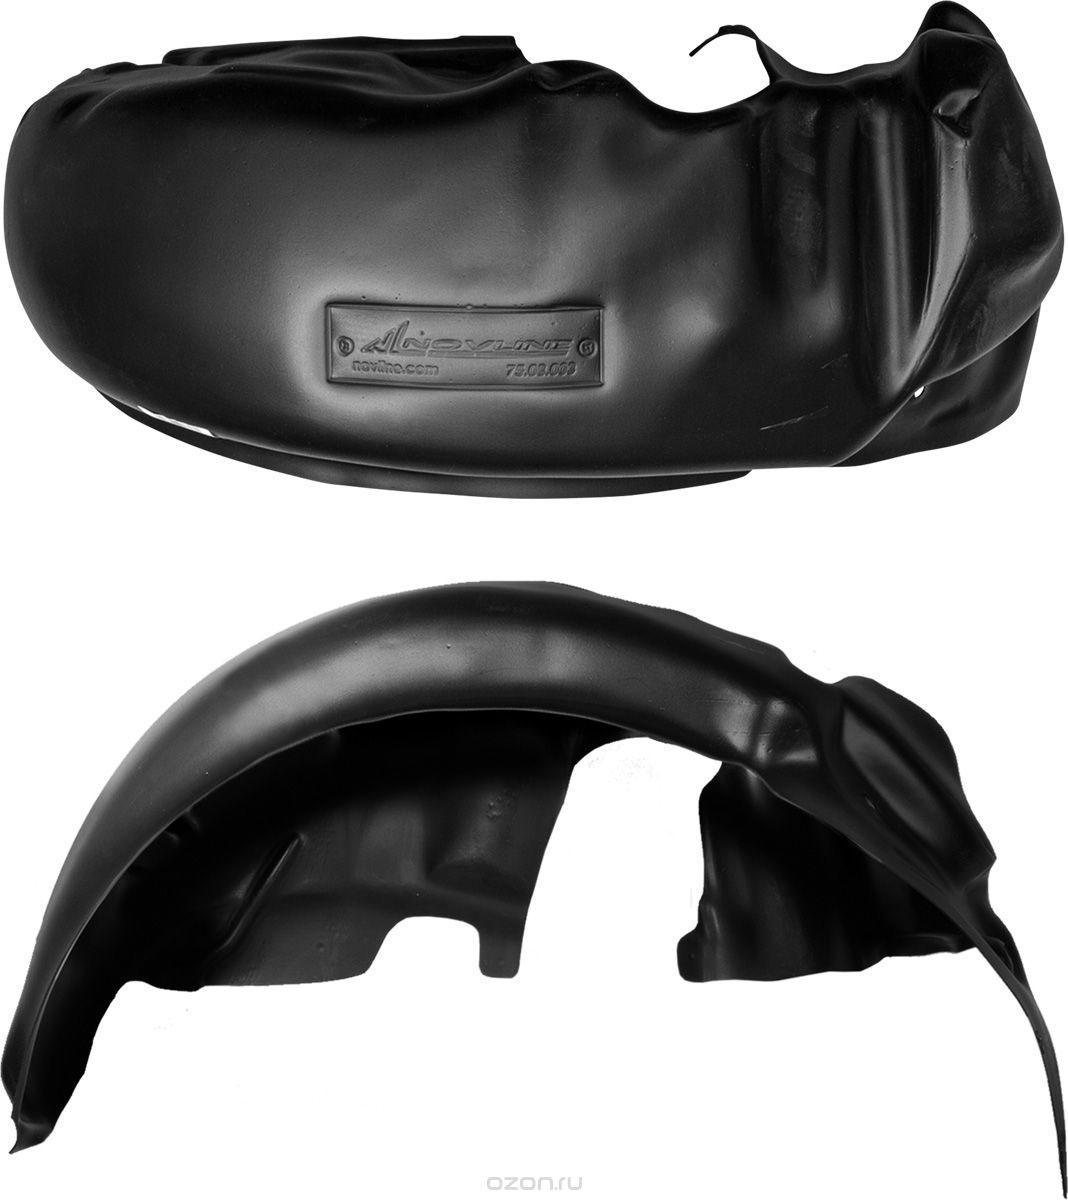 Подкрылок Novline-Autofamily, для MERCEDES-BENZ Sprinter Classic, 2013->, W905 двускатный, задний левыйNLS.36.49.002Идеальная защита колесной ниши. Локеры разработаны с применением цифровых технологий, гарантируют максимальную повторяемость поверхности арки. Изделия устанавливаются без нарушения лакокрасочного покрытия автомобиля, каждый подкрылок комплектуется крепежом. Уважаемые клиенты, обращаем ваше внимание, что фотографии на подкрылки универсальные и не отражают реальную форму изделия. При этом само изделие идет точно под размер указанного автомобиля.